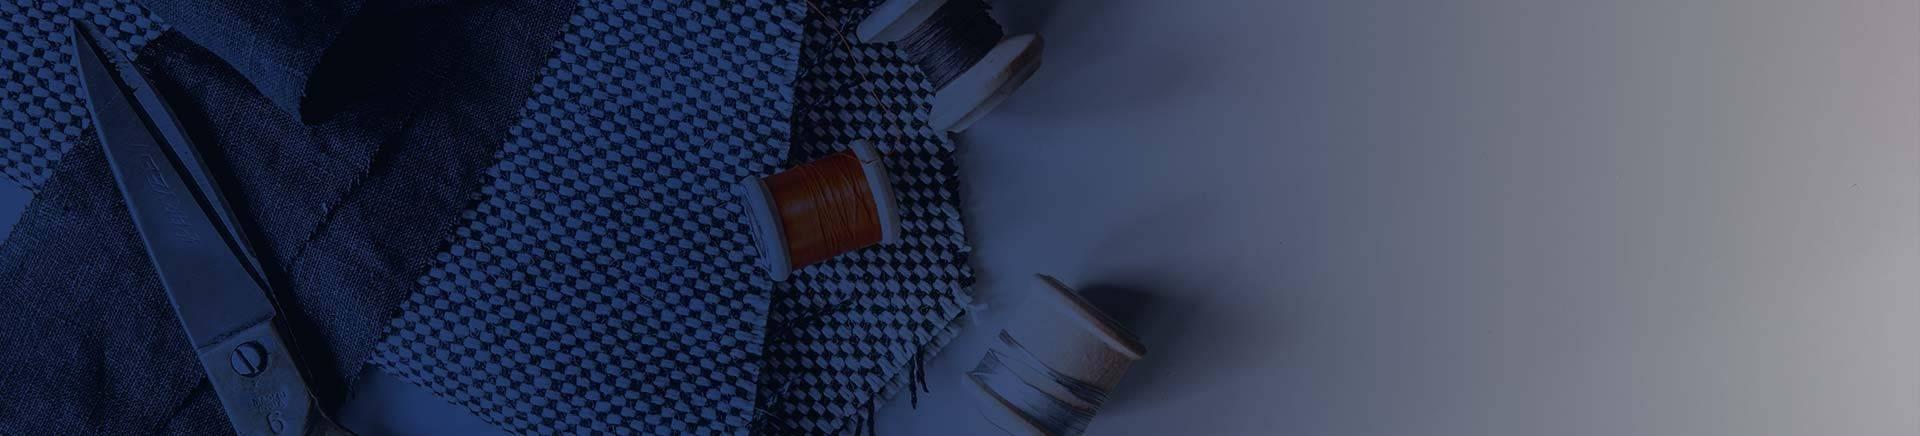 Druckknöpfe online kaufen | JAVRO Stoffmarkt